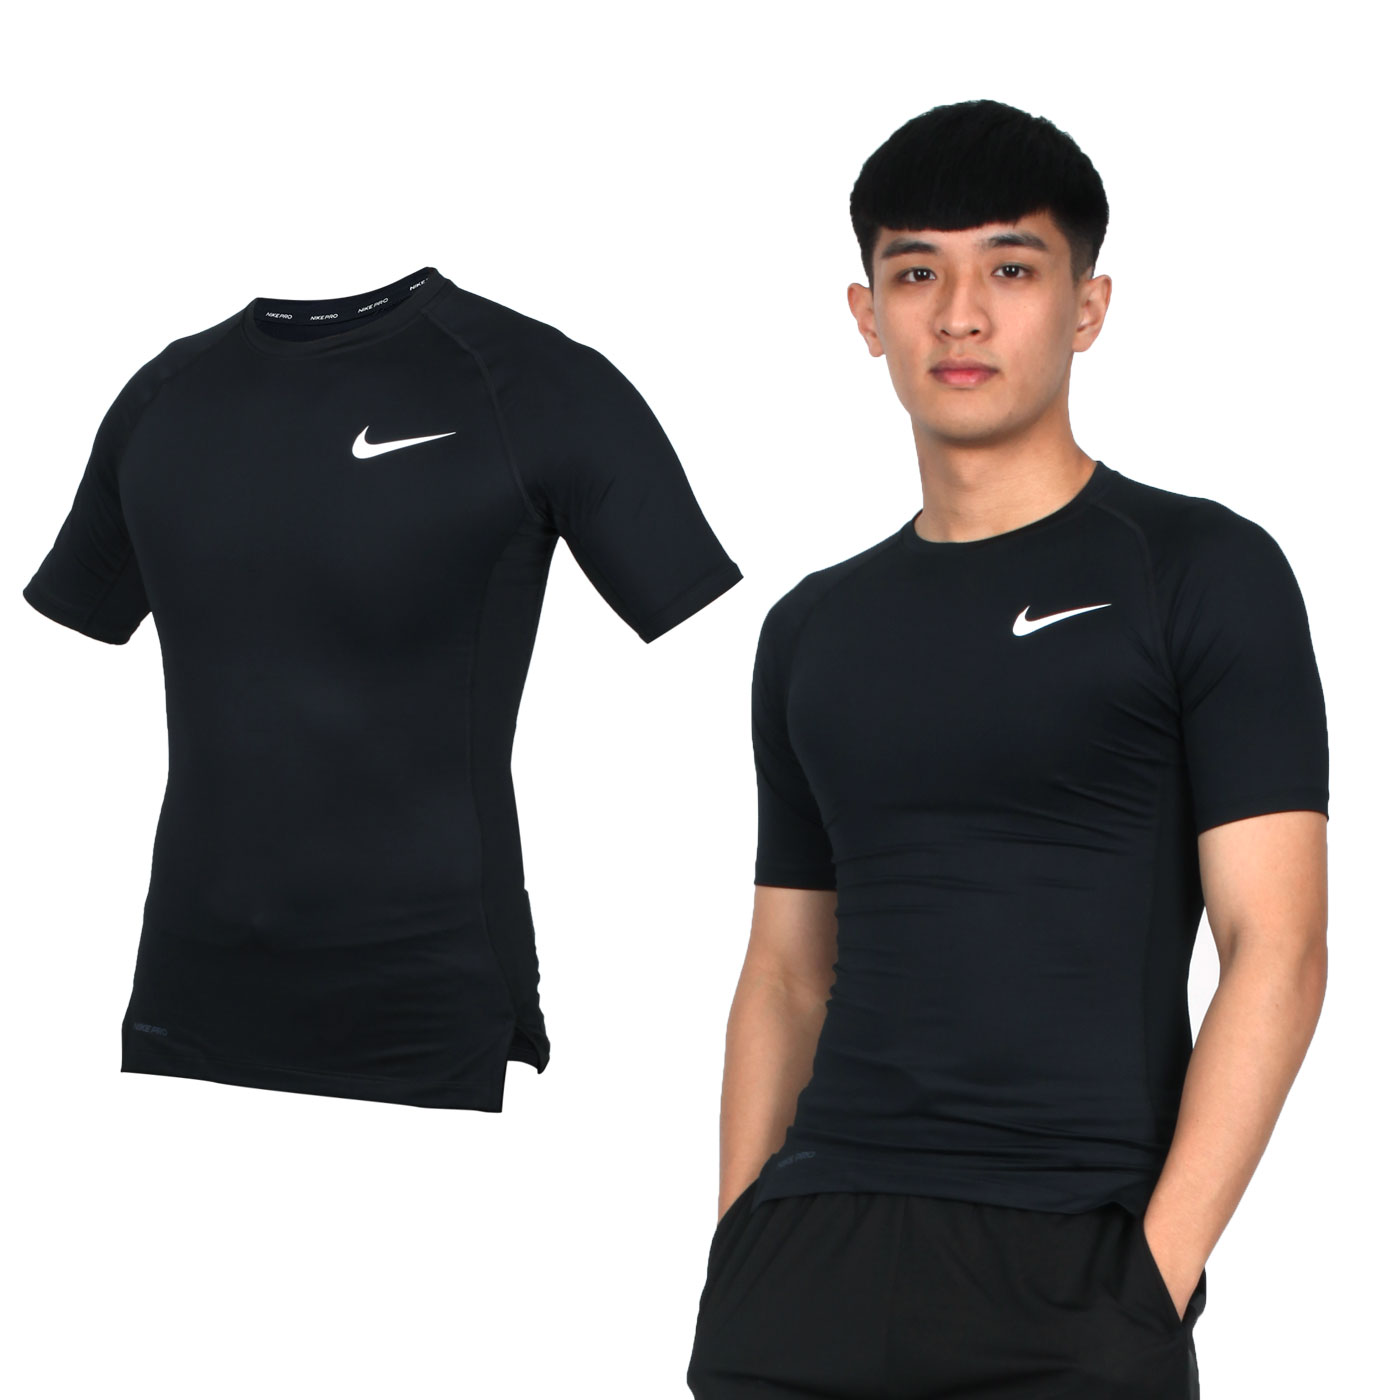 NIKE 男款短袖緊身衣 BV5632-010 - 黑白